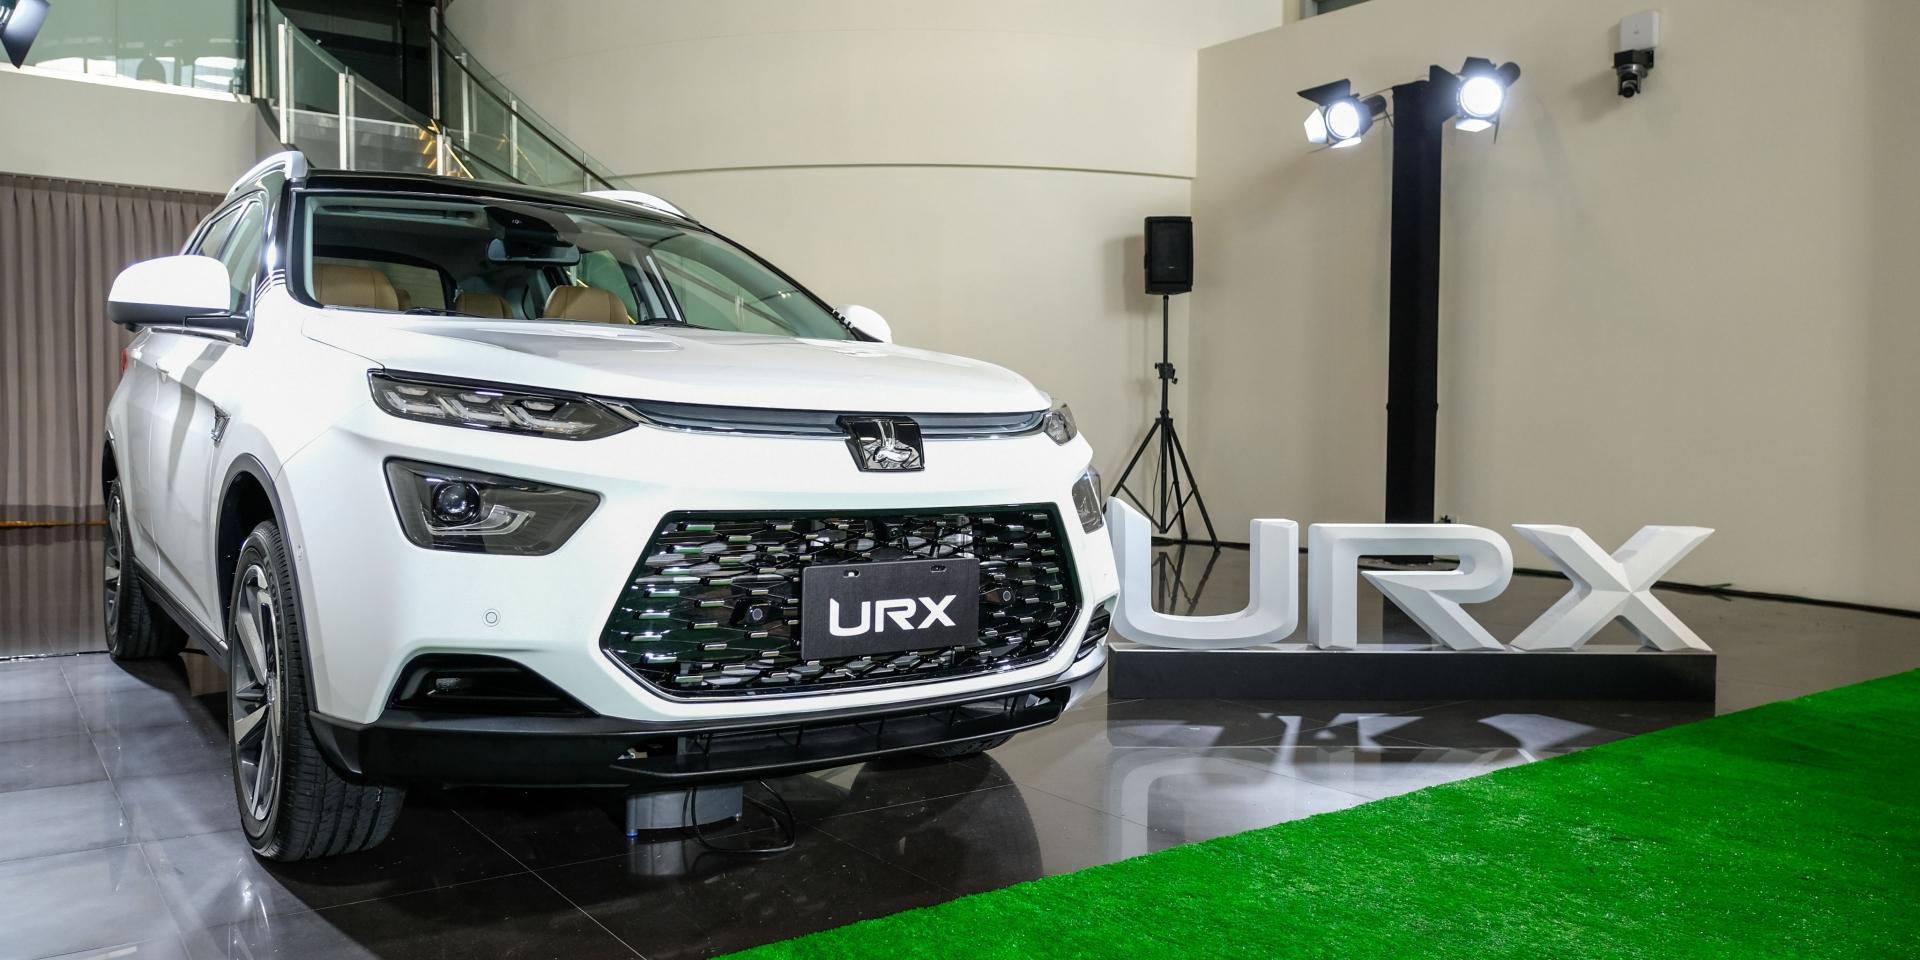 LUXGEN URX售價正式出爐,90萬有找入手ADAS SUV